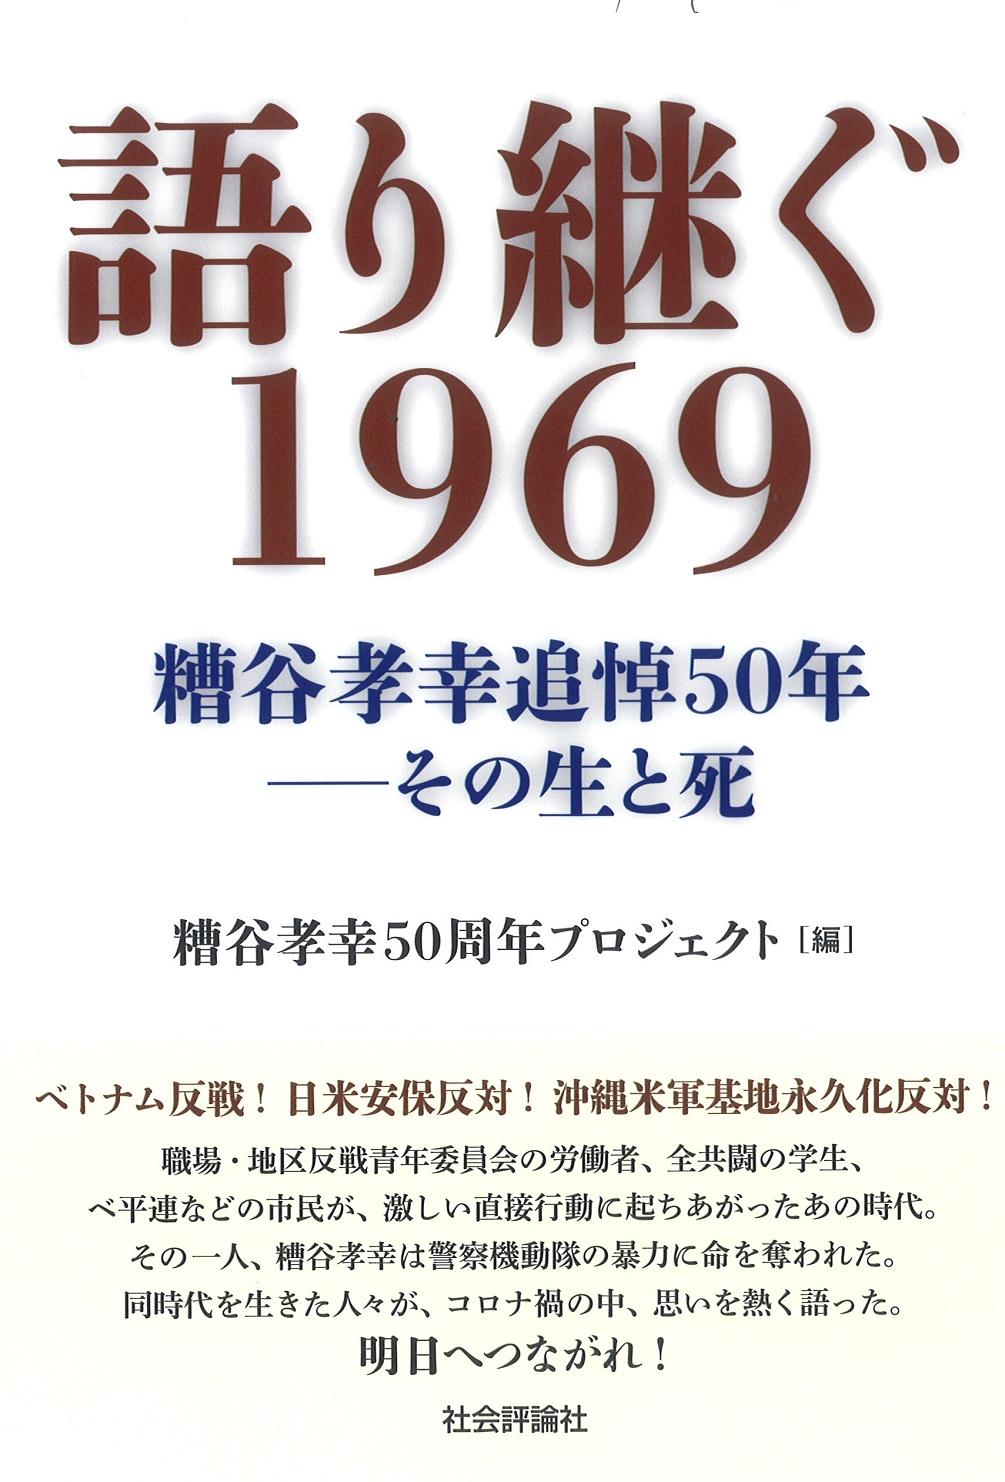 語り継ぐ1969 糟谷孝幸追悼50年—その生と死